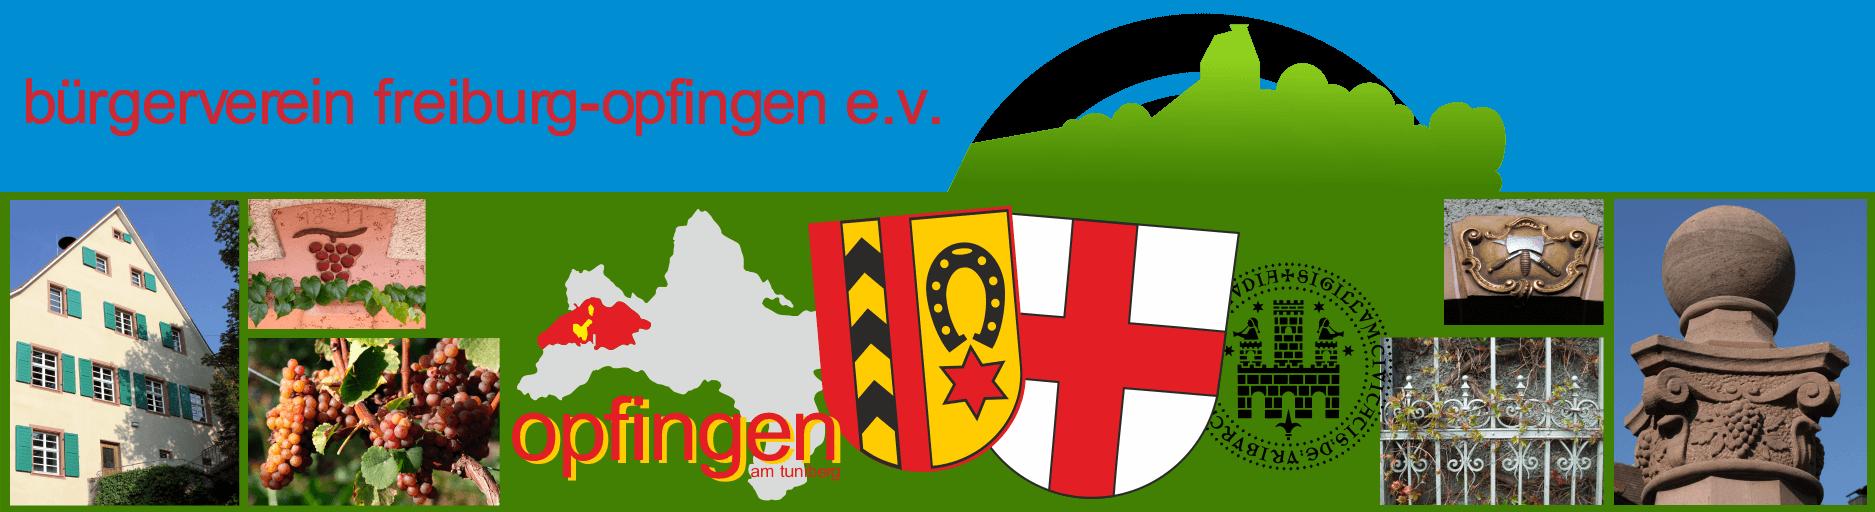 Bürgerverein Freiburg-Opfingen e.V.